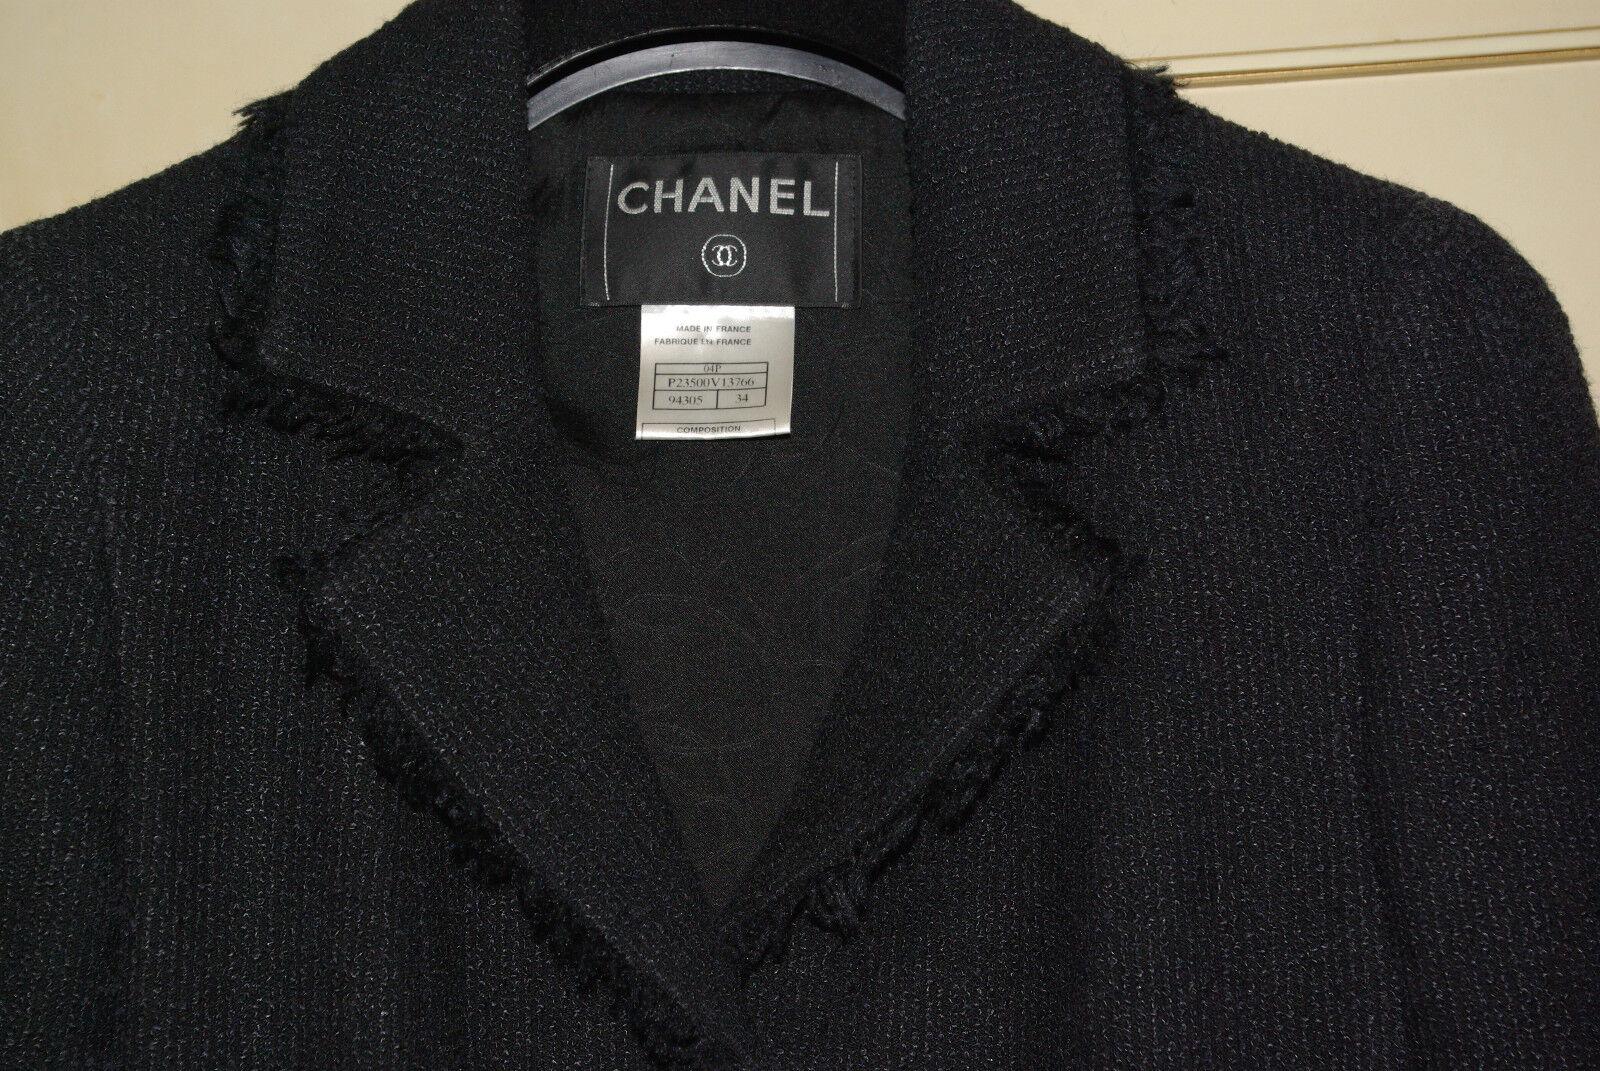 Chanel sublime iconique veste noir portee par vanessa paradis / campagne cambon